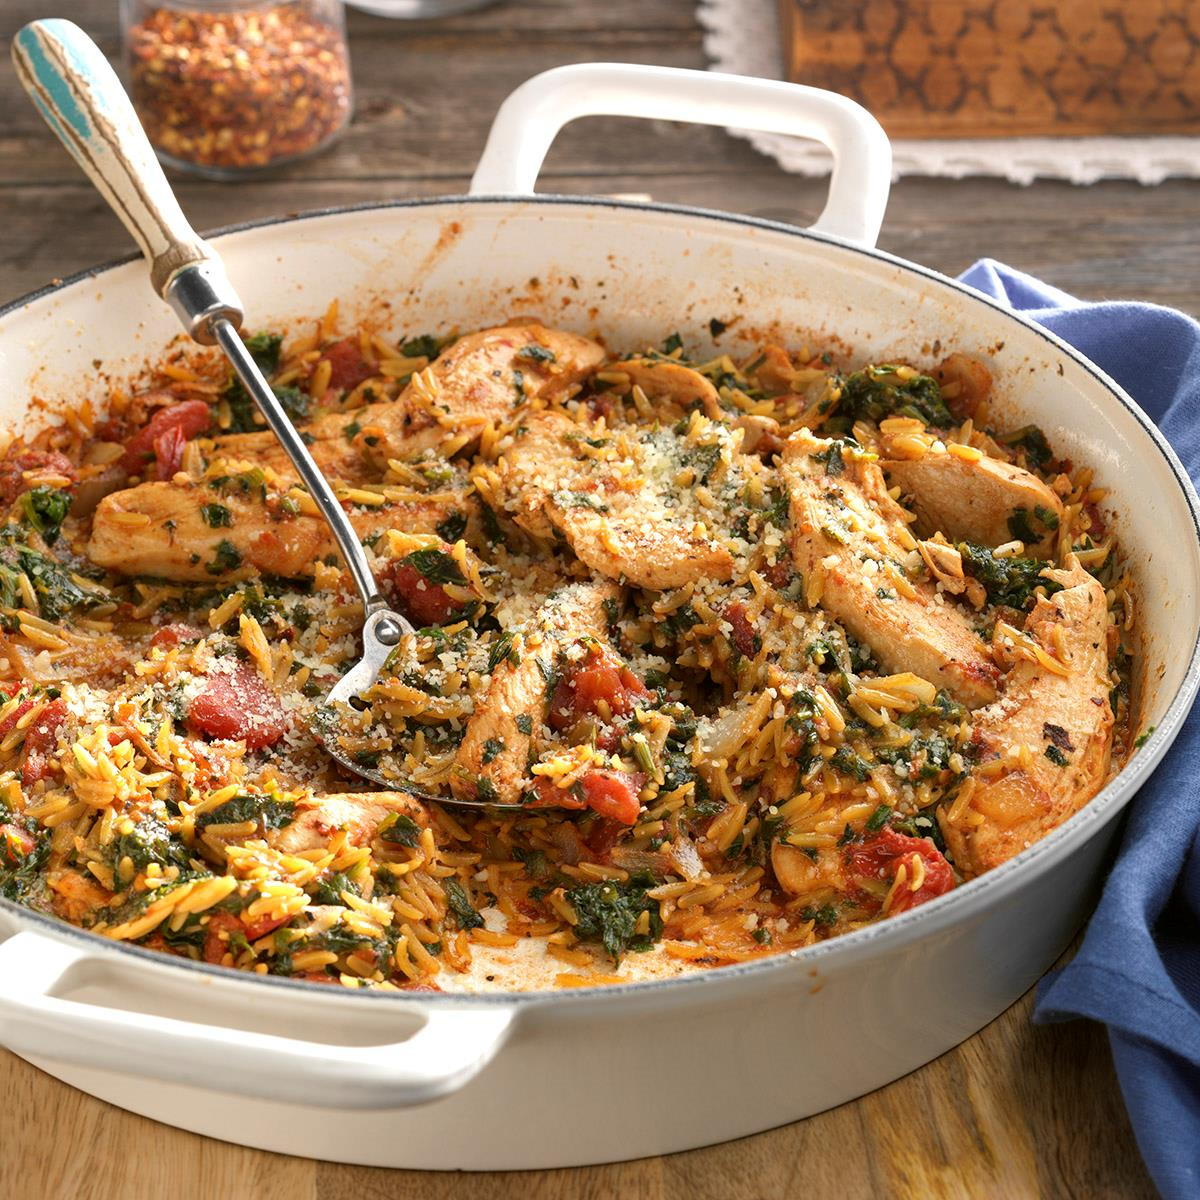 Mediterranean Pork And Orzo Recipe: Chicken And Orzo Skillet Recipe